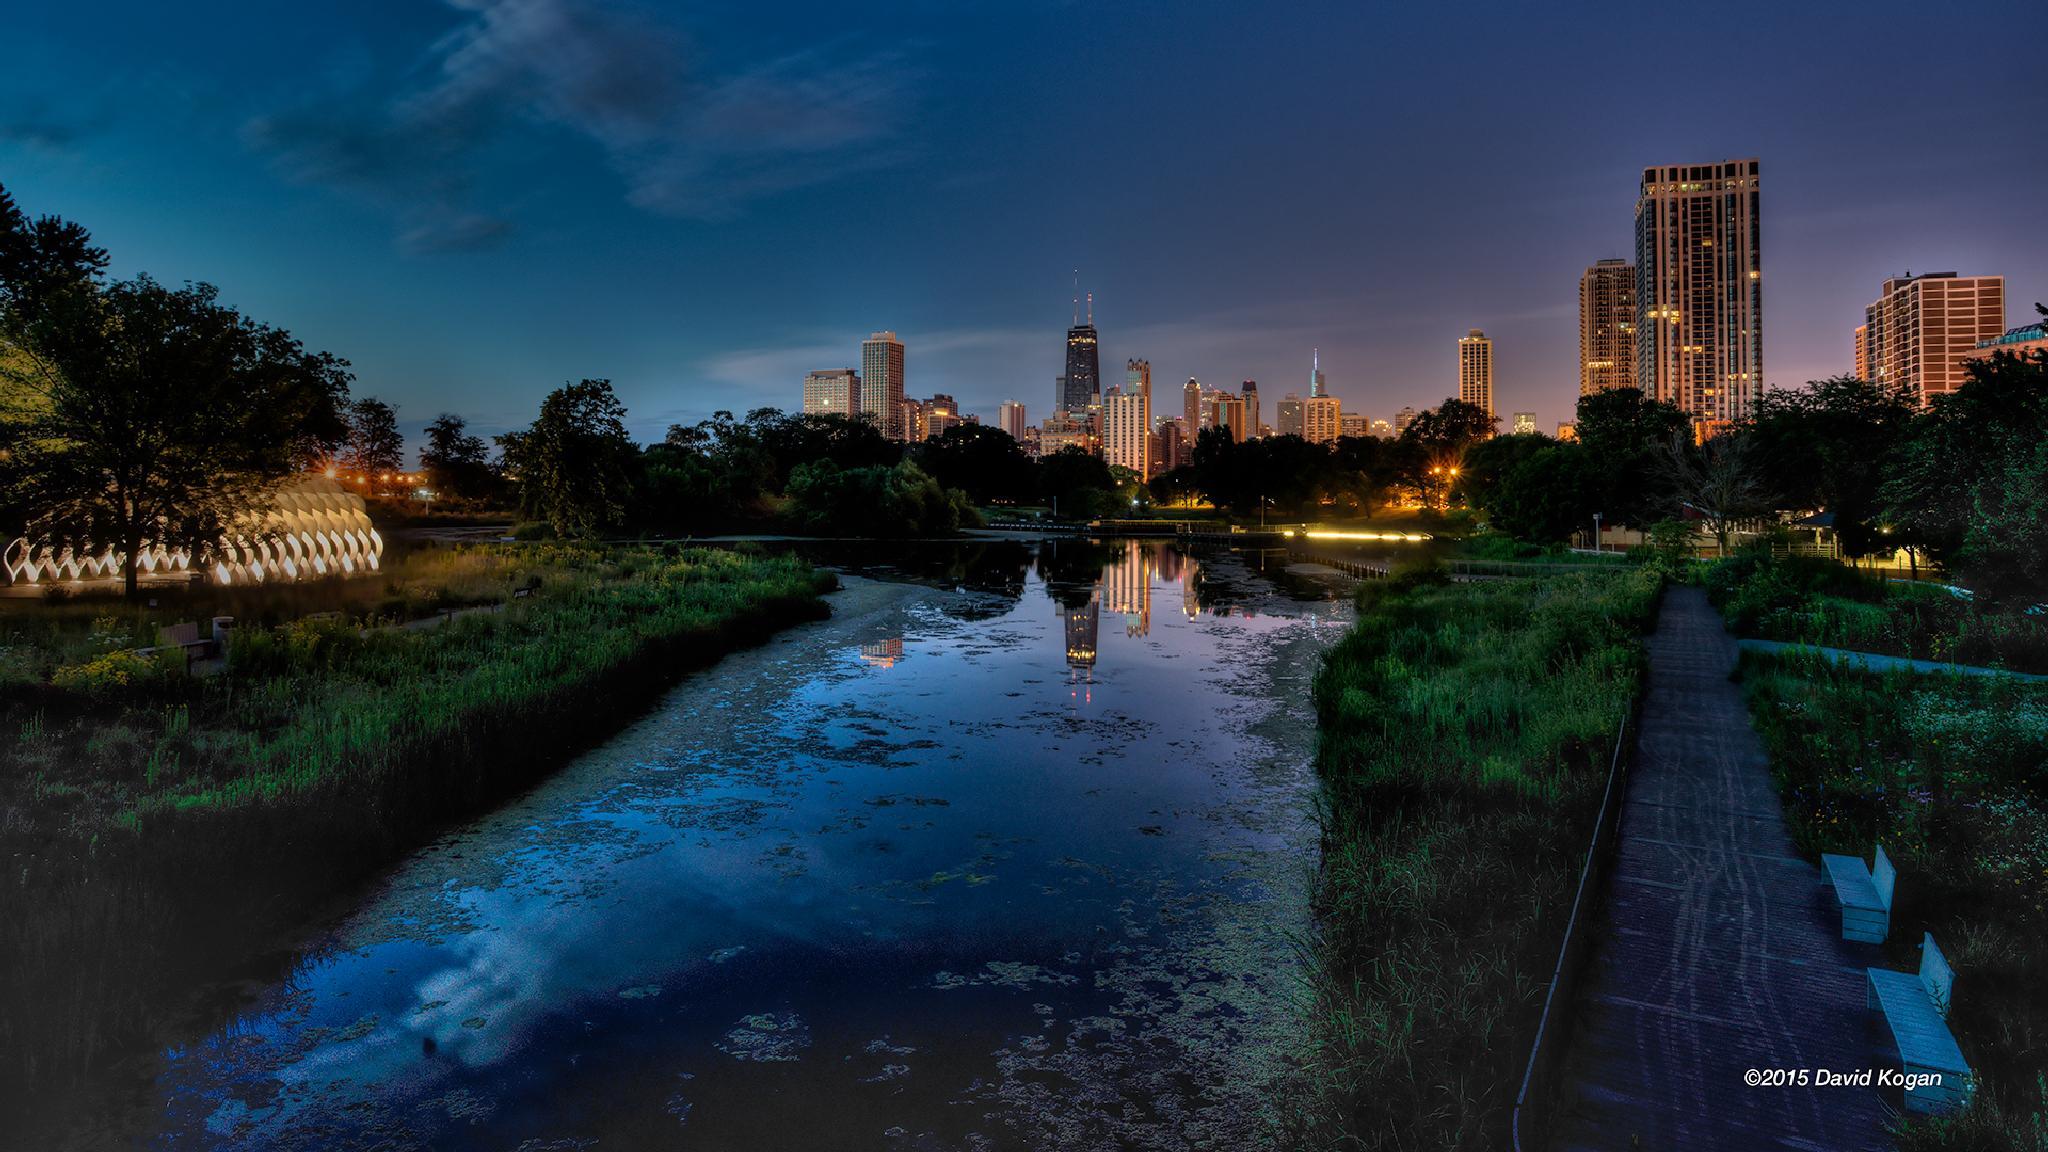 Lincoln Park Lagoon by David Kogan